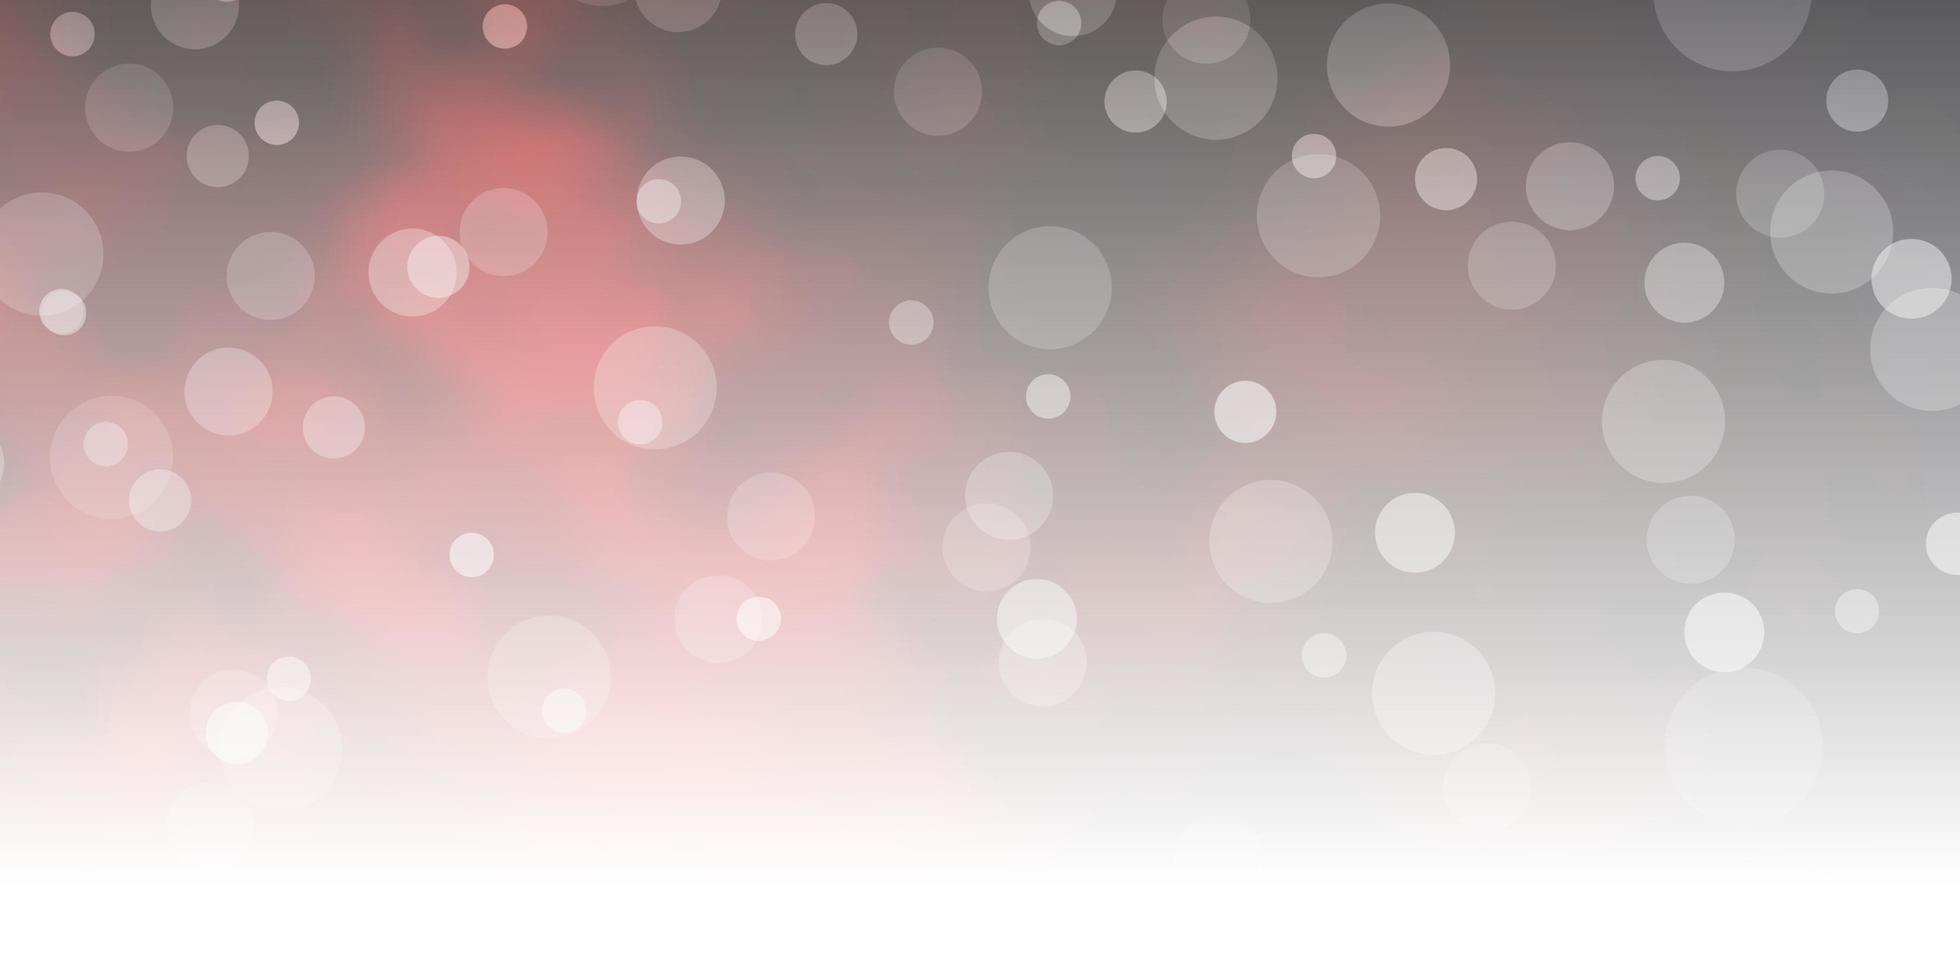 röd mall med cirklar. vektor